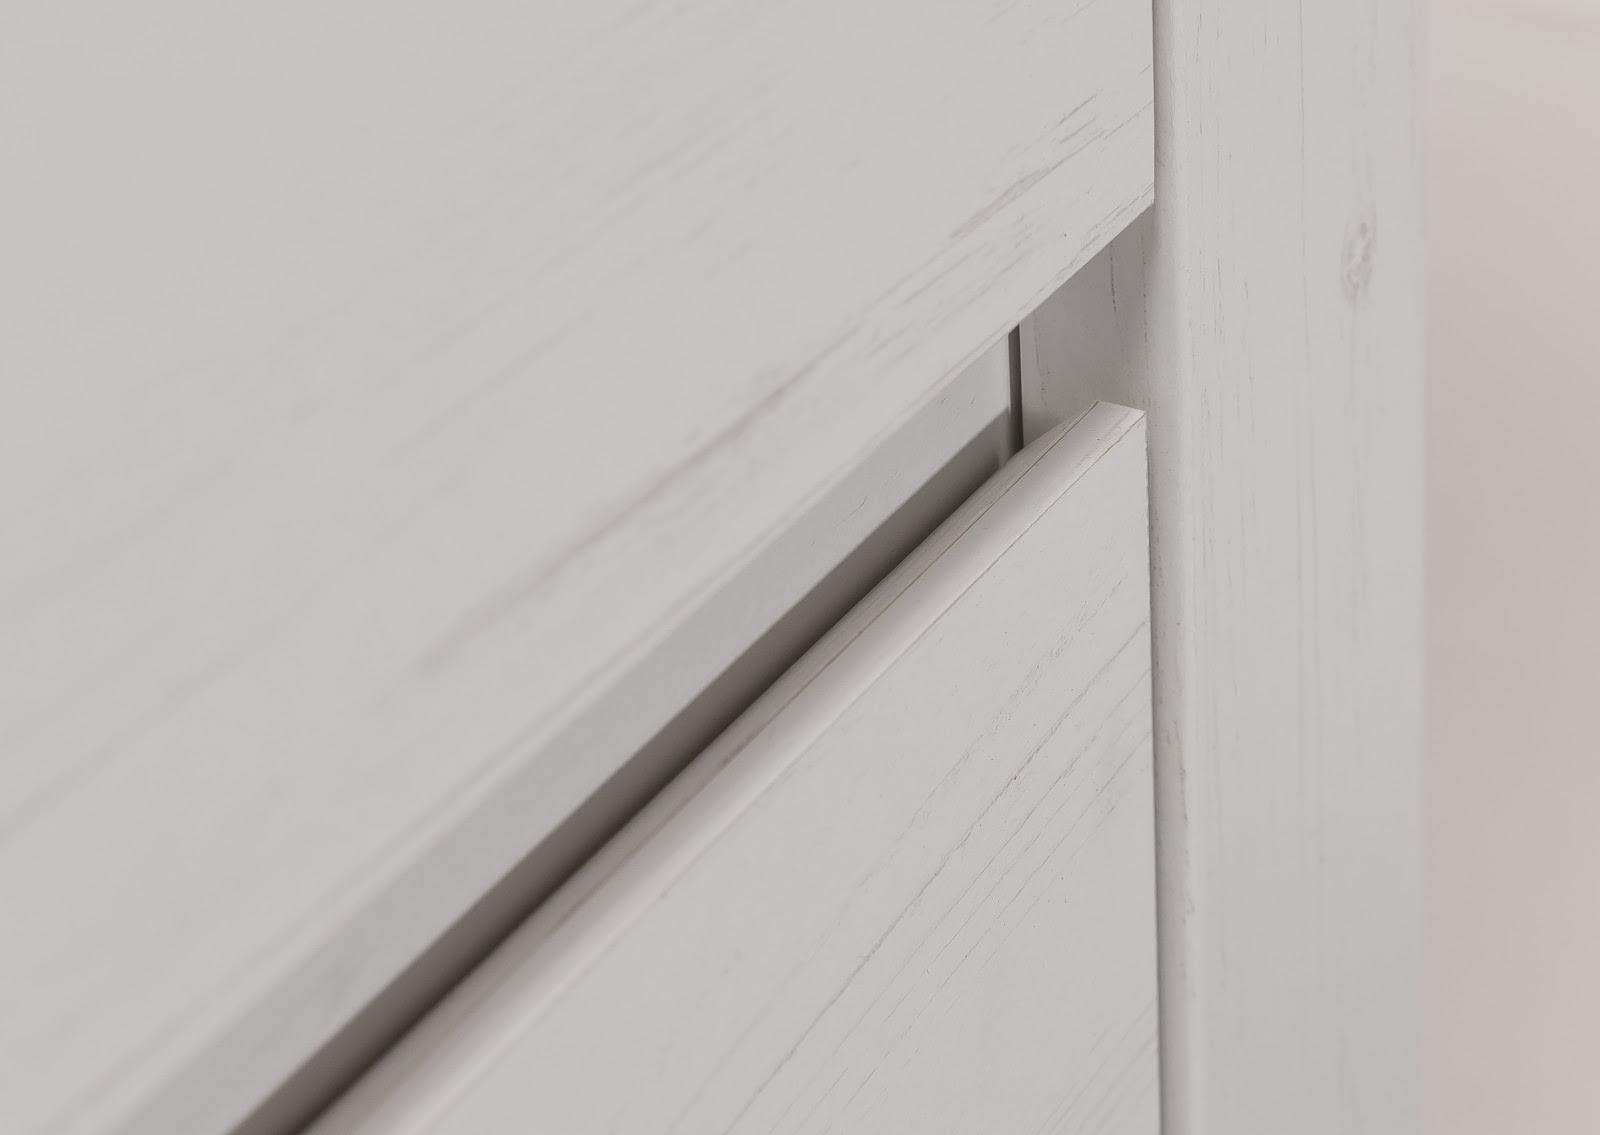 wickelkommode weiss pinie und braun 118 cm babyzimmer wickeltisch nils gs siegel ebay. Black Bedroom Furniture Sets. Home Design Ideas